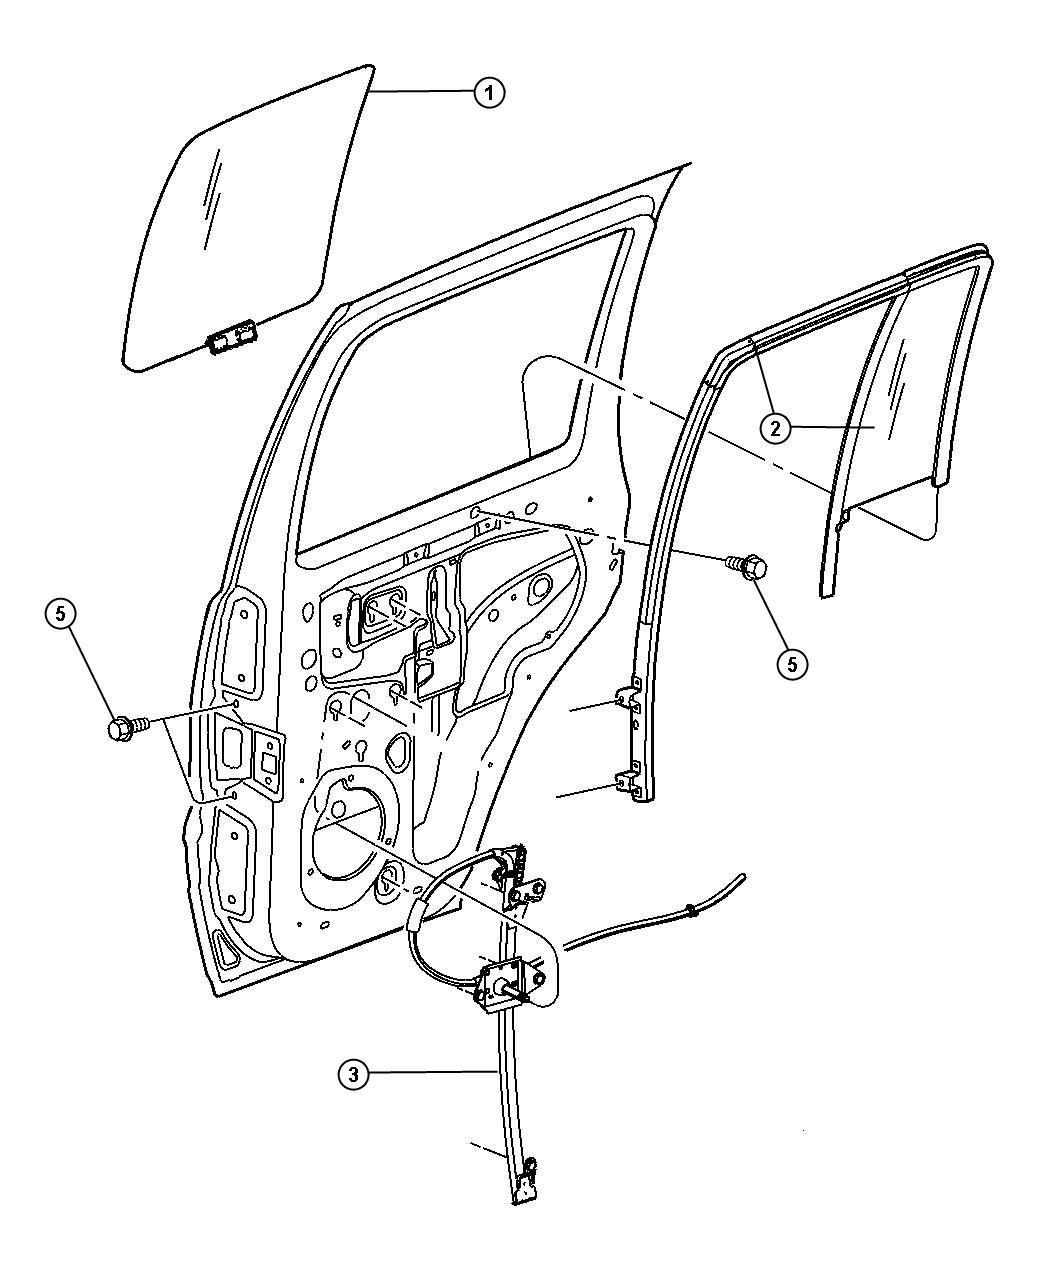 wiring diagram as well 1979 honda wiring diagram moreover wiring